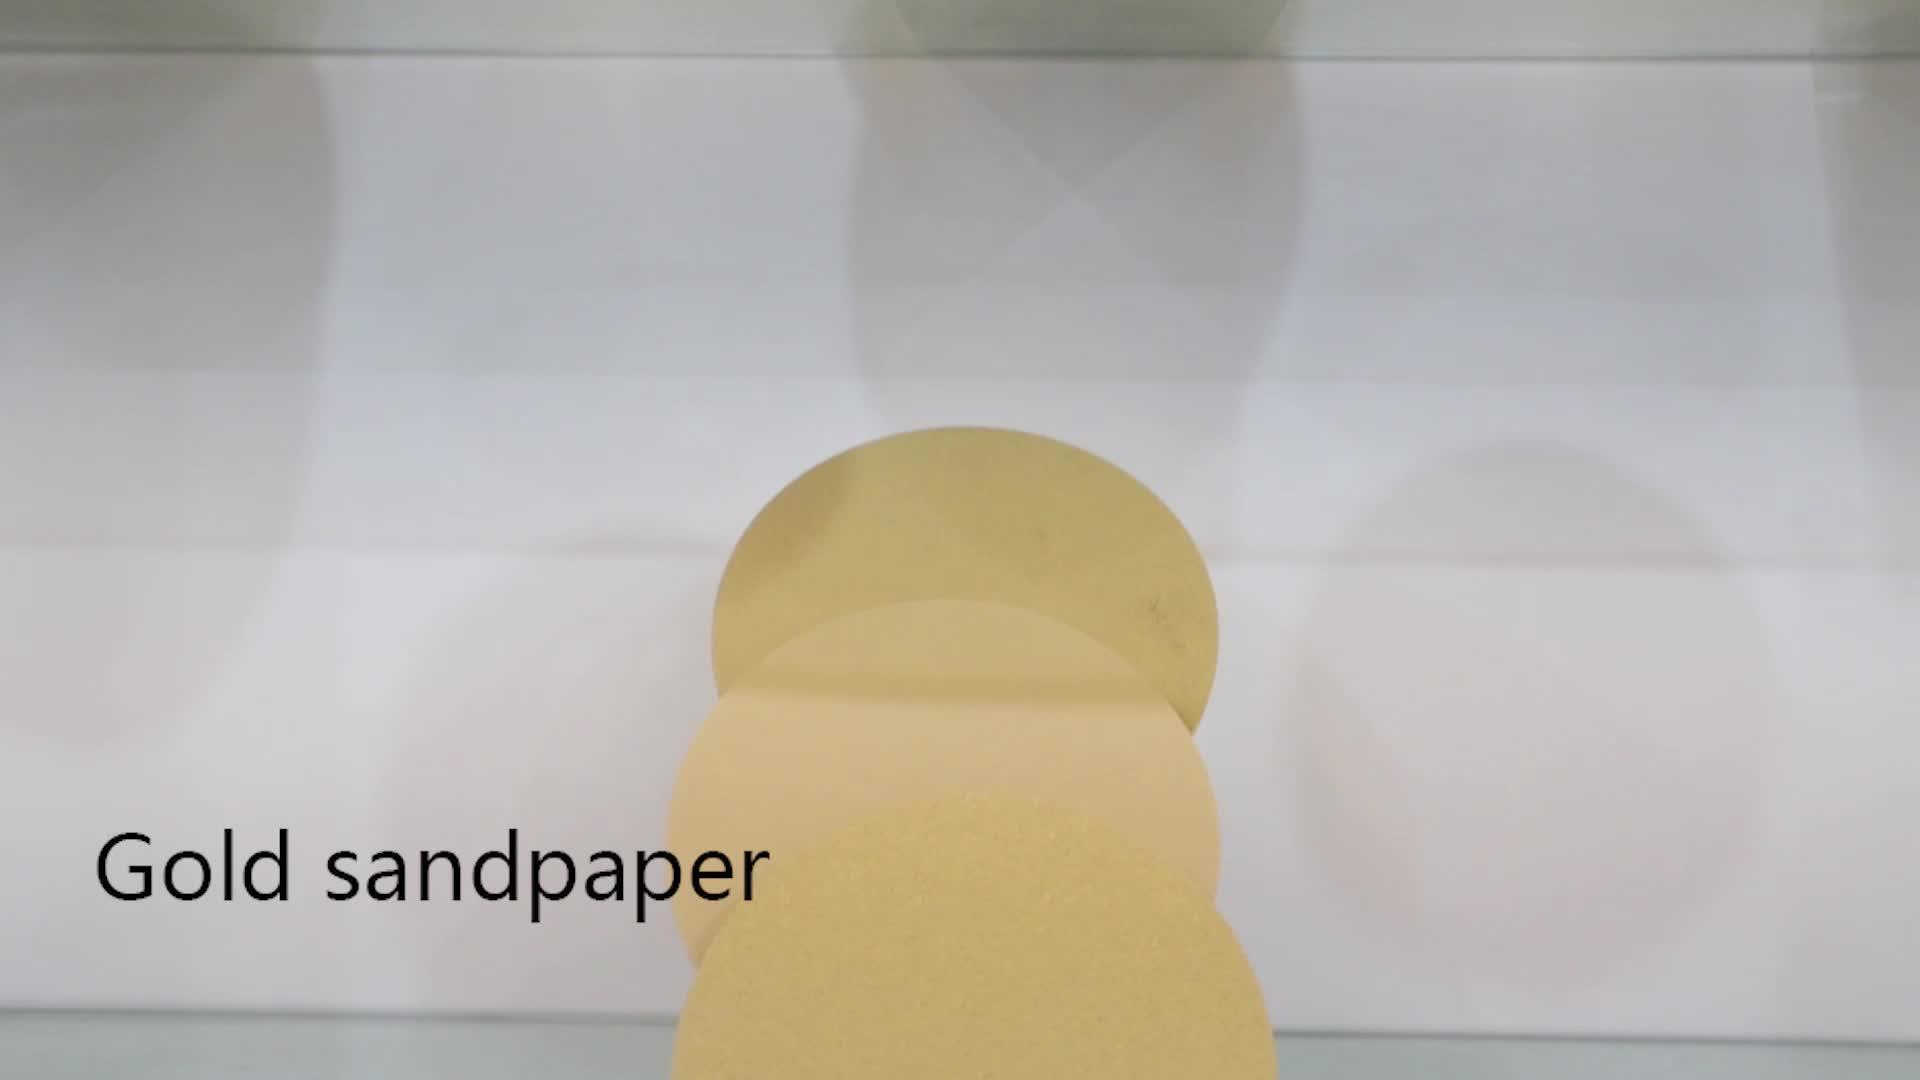 6 इंच 17 छेद 100 धैर्य हुक और पाश sandpaper, सोना, 100 पैक